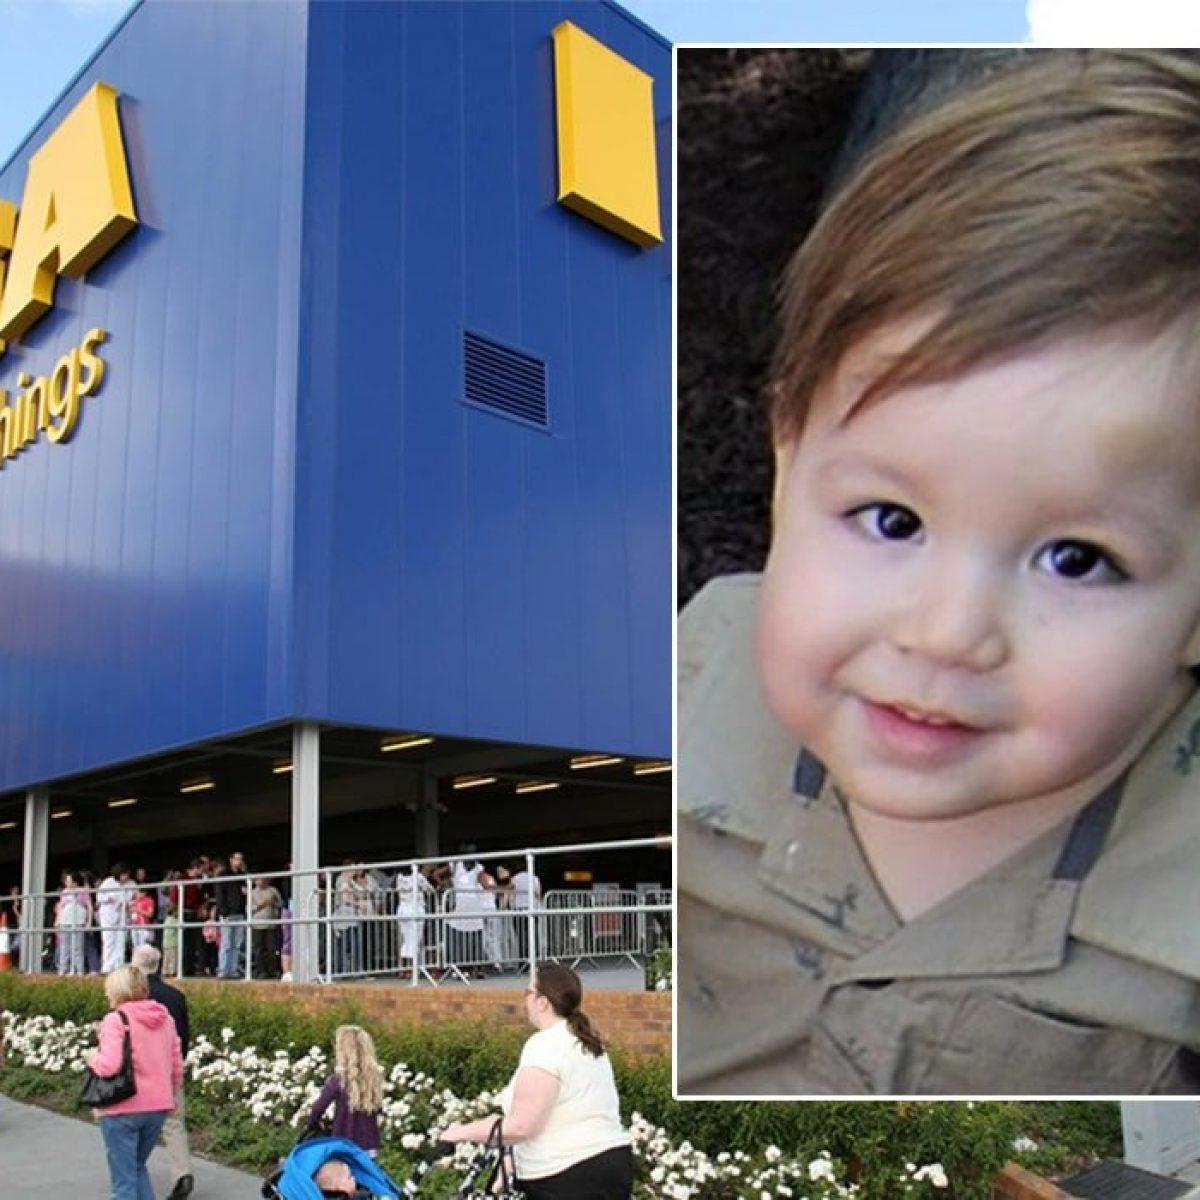 Cassettiere Malm Di Ikea.Bimbo Di 2 Anni Ucciso Da Una Cassettiera Ikea Risarcisce La